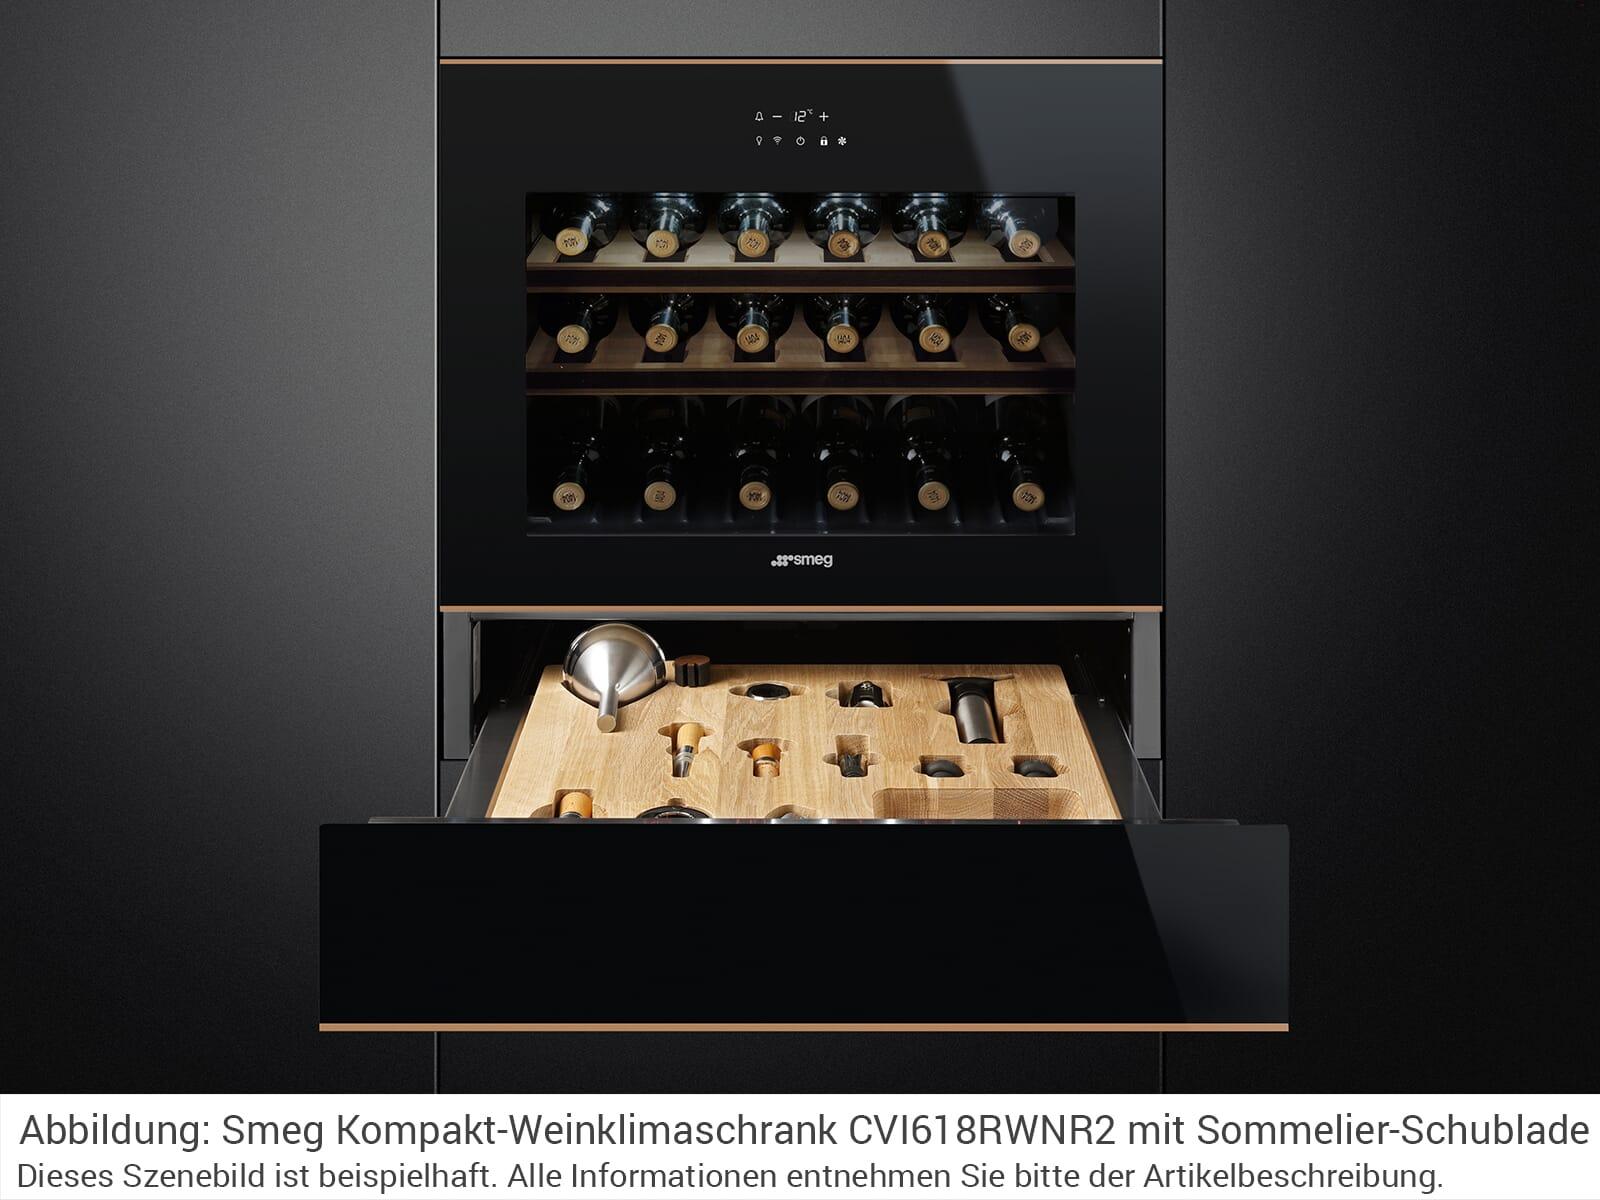 Smeg CVI618LWNR2 Einbau Weinkühlschrank Weinklimaschrank Schwarzglas/Kupfer